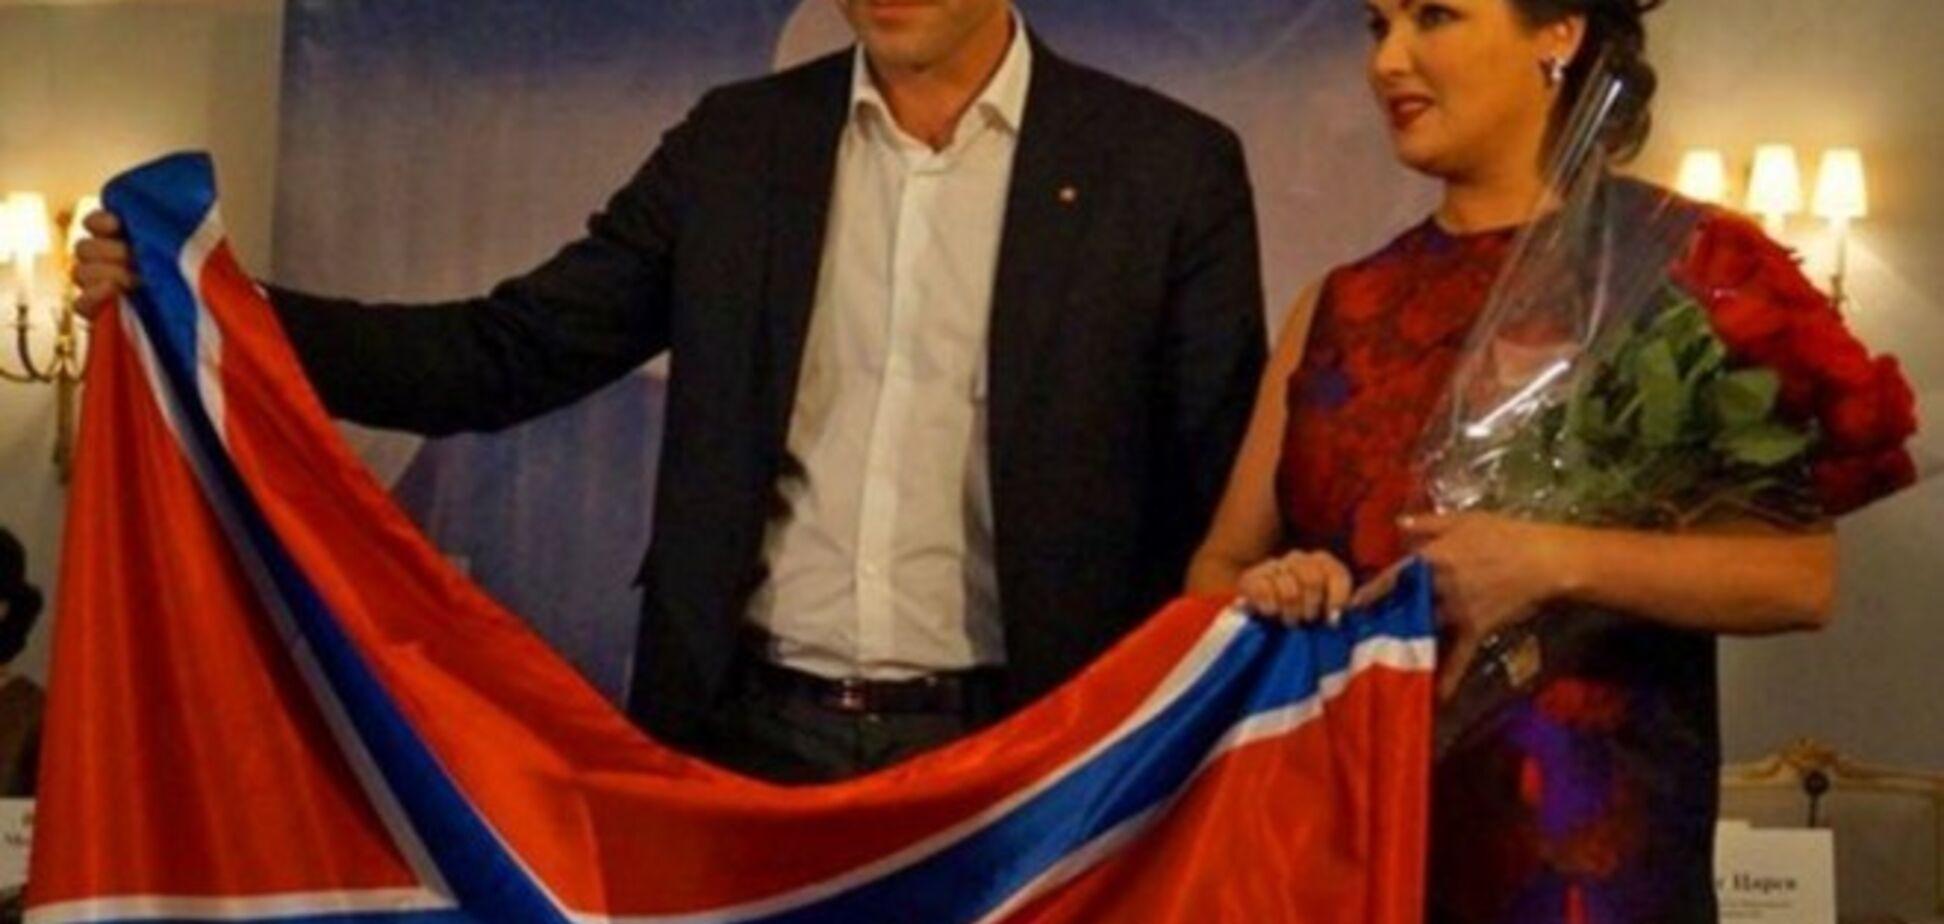 Оперная дива Нетребко оправдалась, что знать не знает Царева и флаг 'Новороссии'